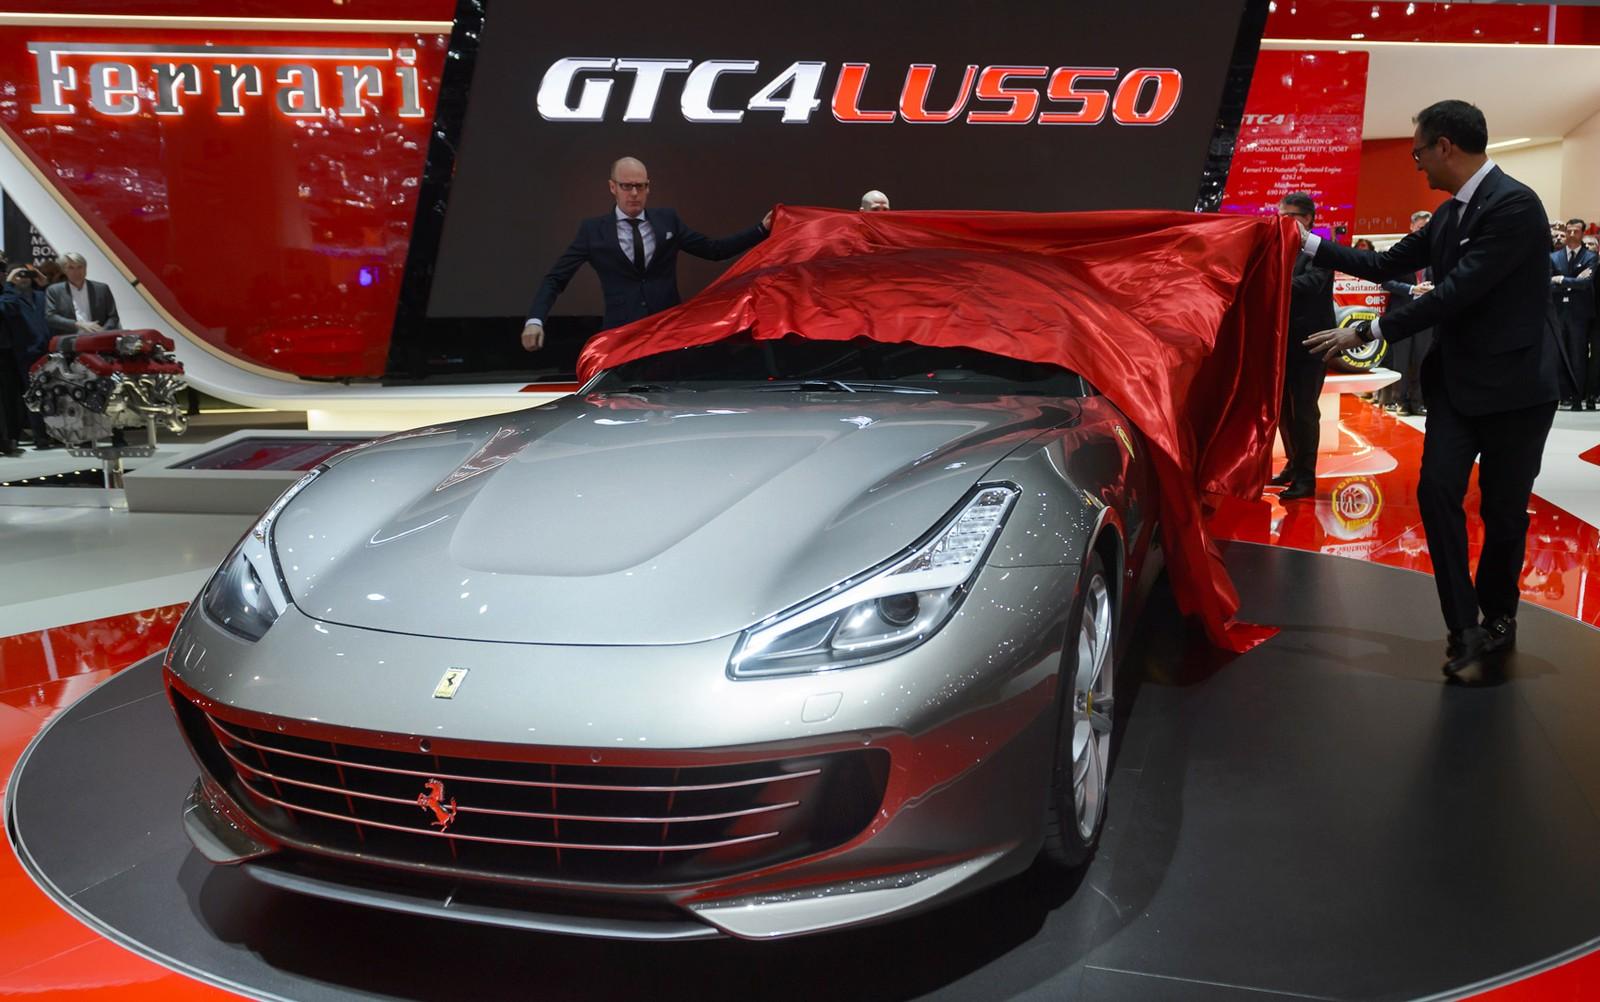 Ferrari apresenta a GTC4 Lusso, sucessora da FF